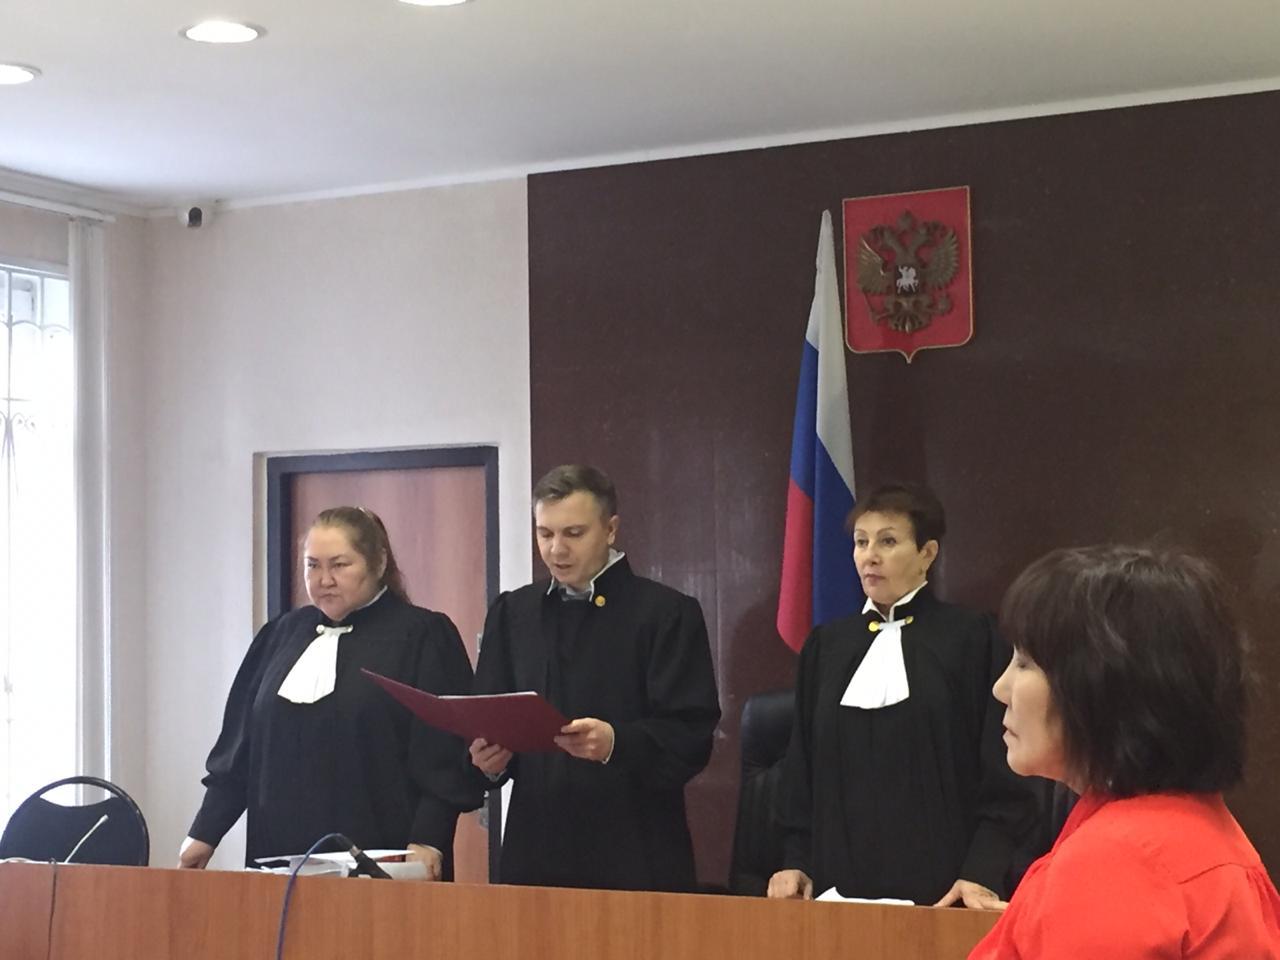 Верховный суд изменил приговор Местникову в части сроков исчисления и зачета наказания